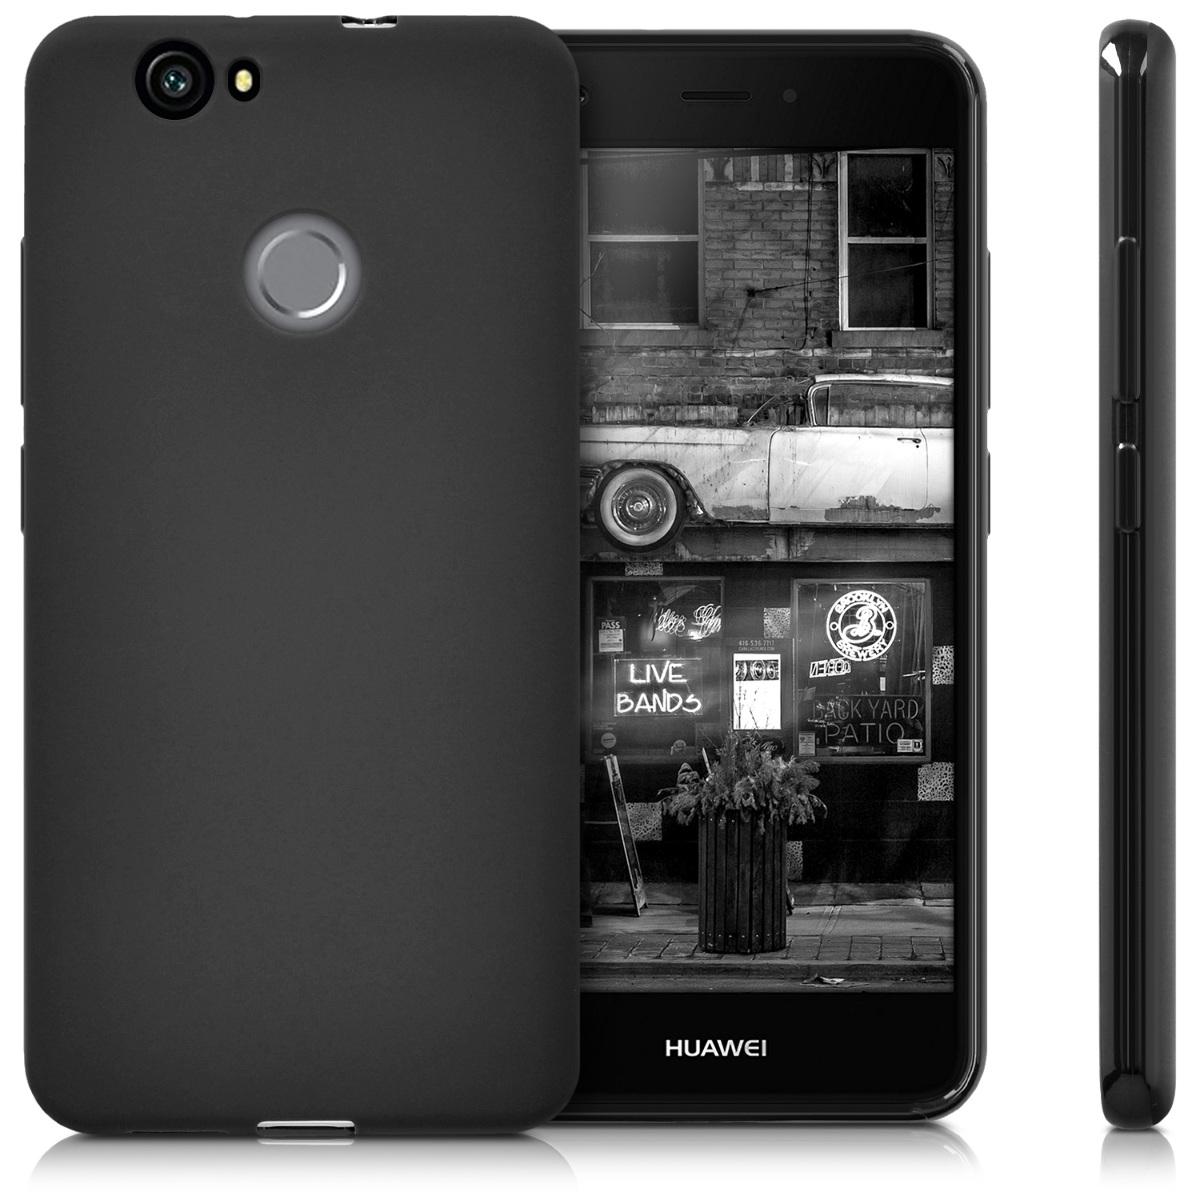 TPU Schutz Hülle für Huawei Nova Schwarz matt Case Silikon Cover Handy Tasche